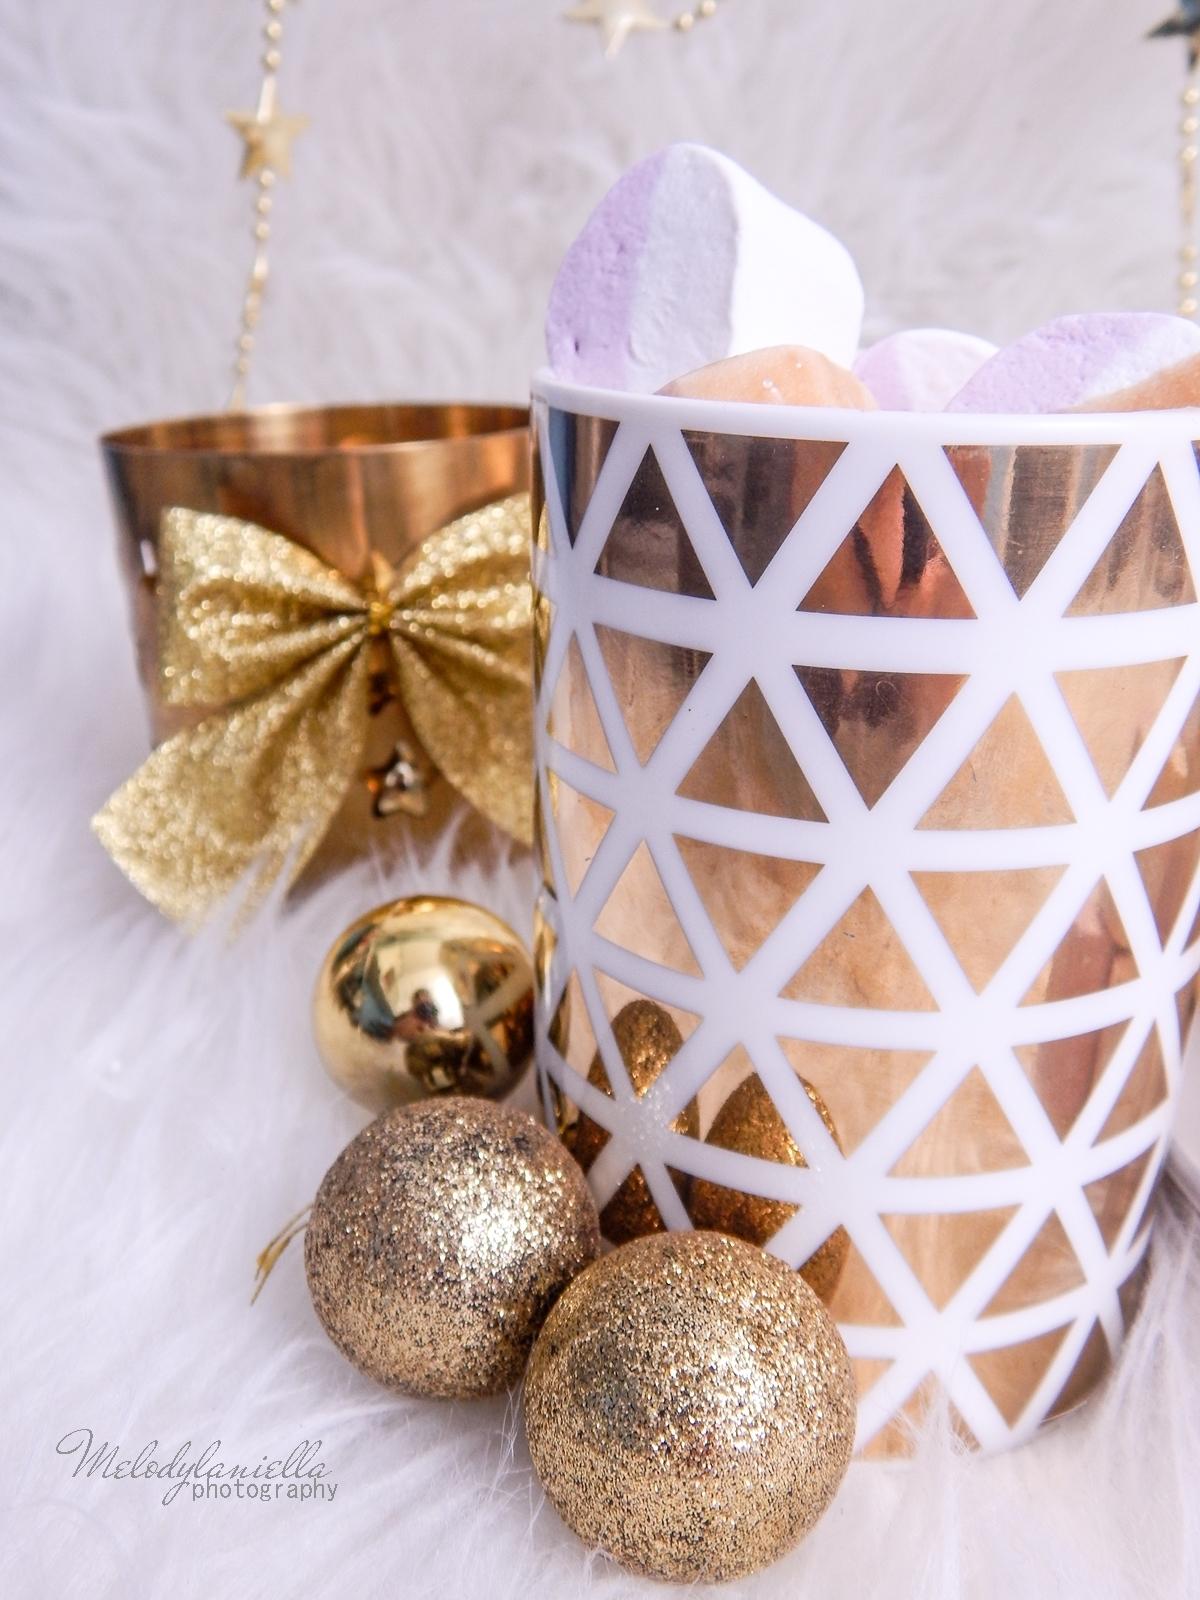 17  przepis na domową gorącą czekoladę świąteczne zimowe napoje ciekawe slodycze na Boże Narodzenie karnawal Sylwestra imprezy pianki jojo melodylaniella  slodycze